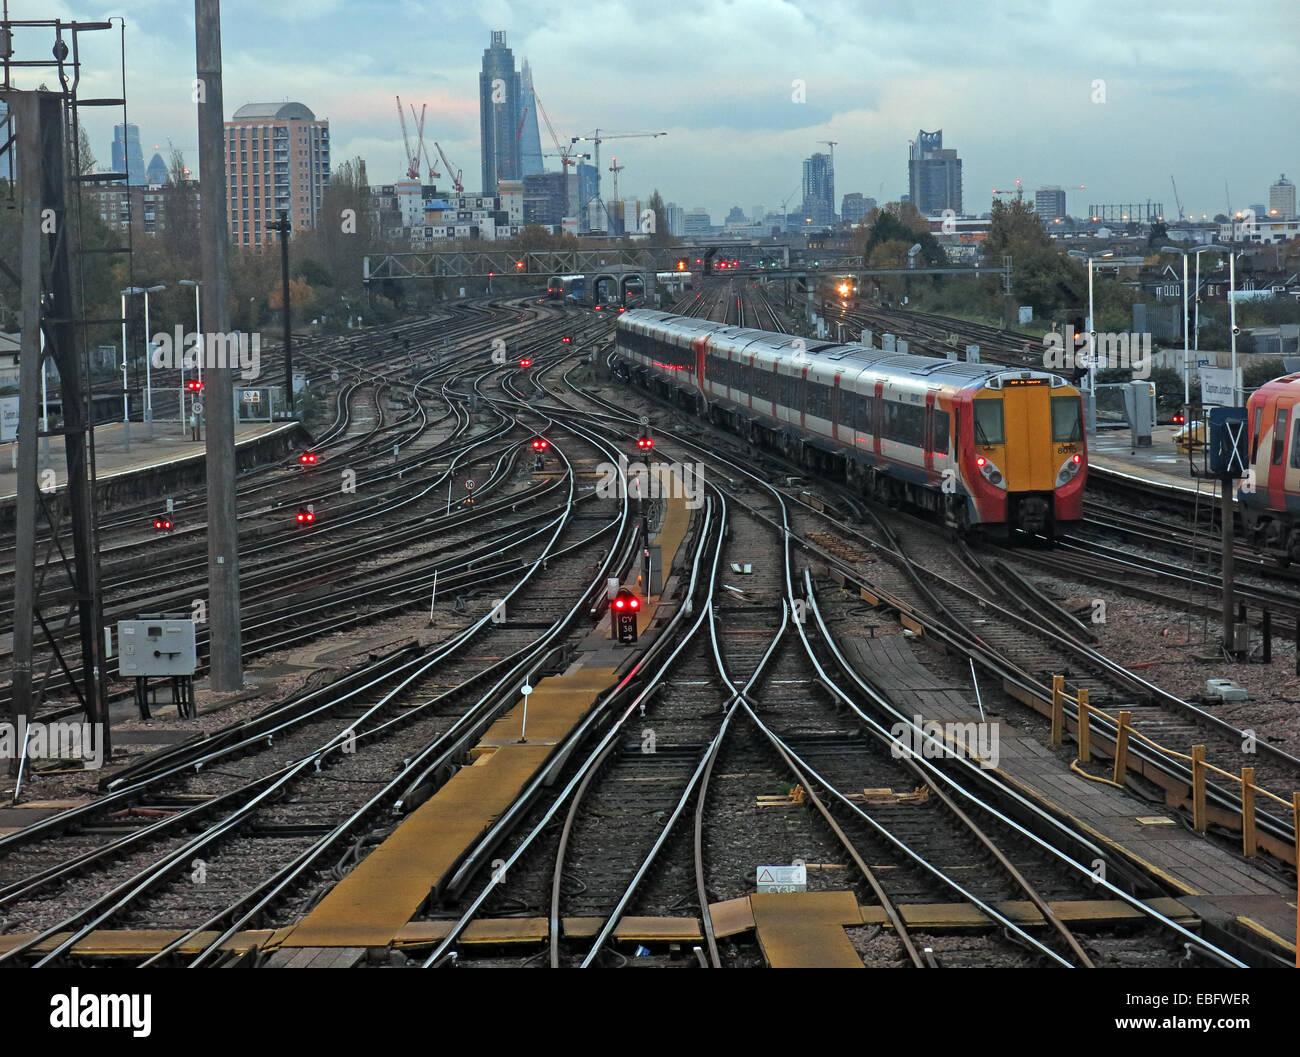 Laden Sie dieses Alamy Stockfoto Overhead Detail von Clapham Junction, Britains verkehrsreichsten Bahnhof SW von London, England, GB - EBFWER